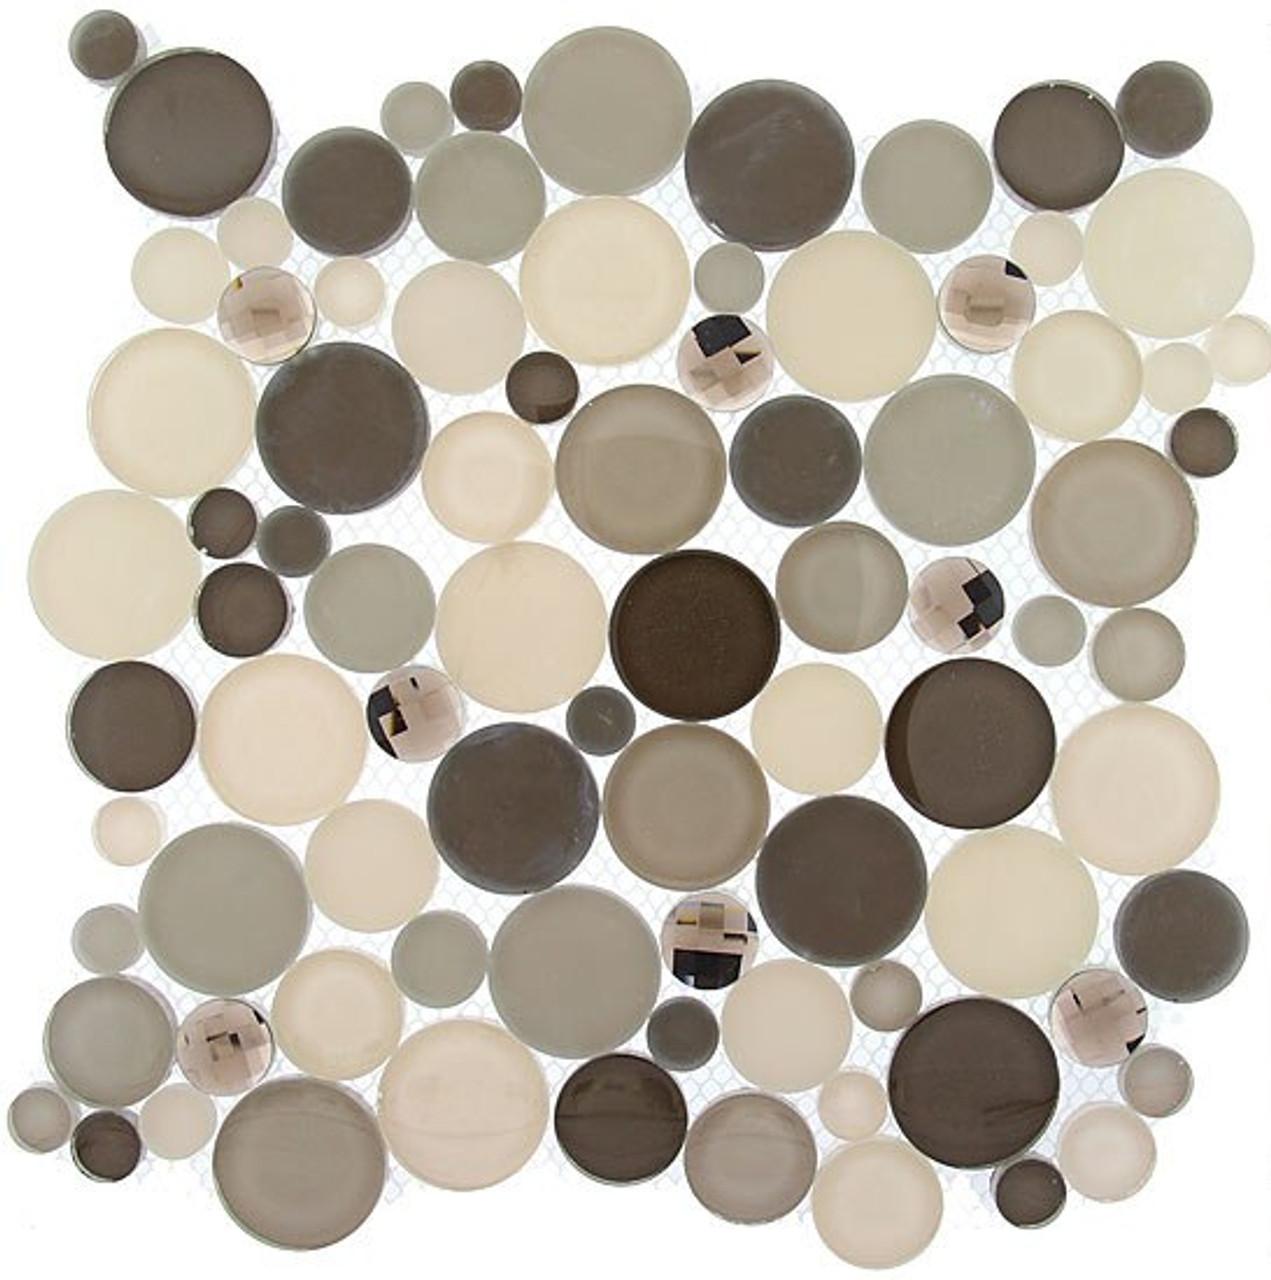 Bella Glass Tiles Symphony Bubble Series Platinum Foam